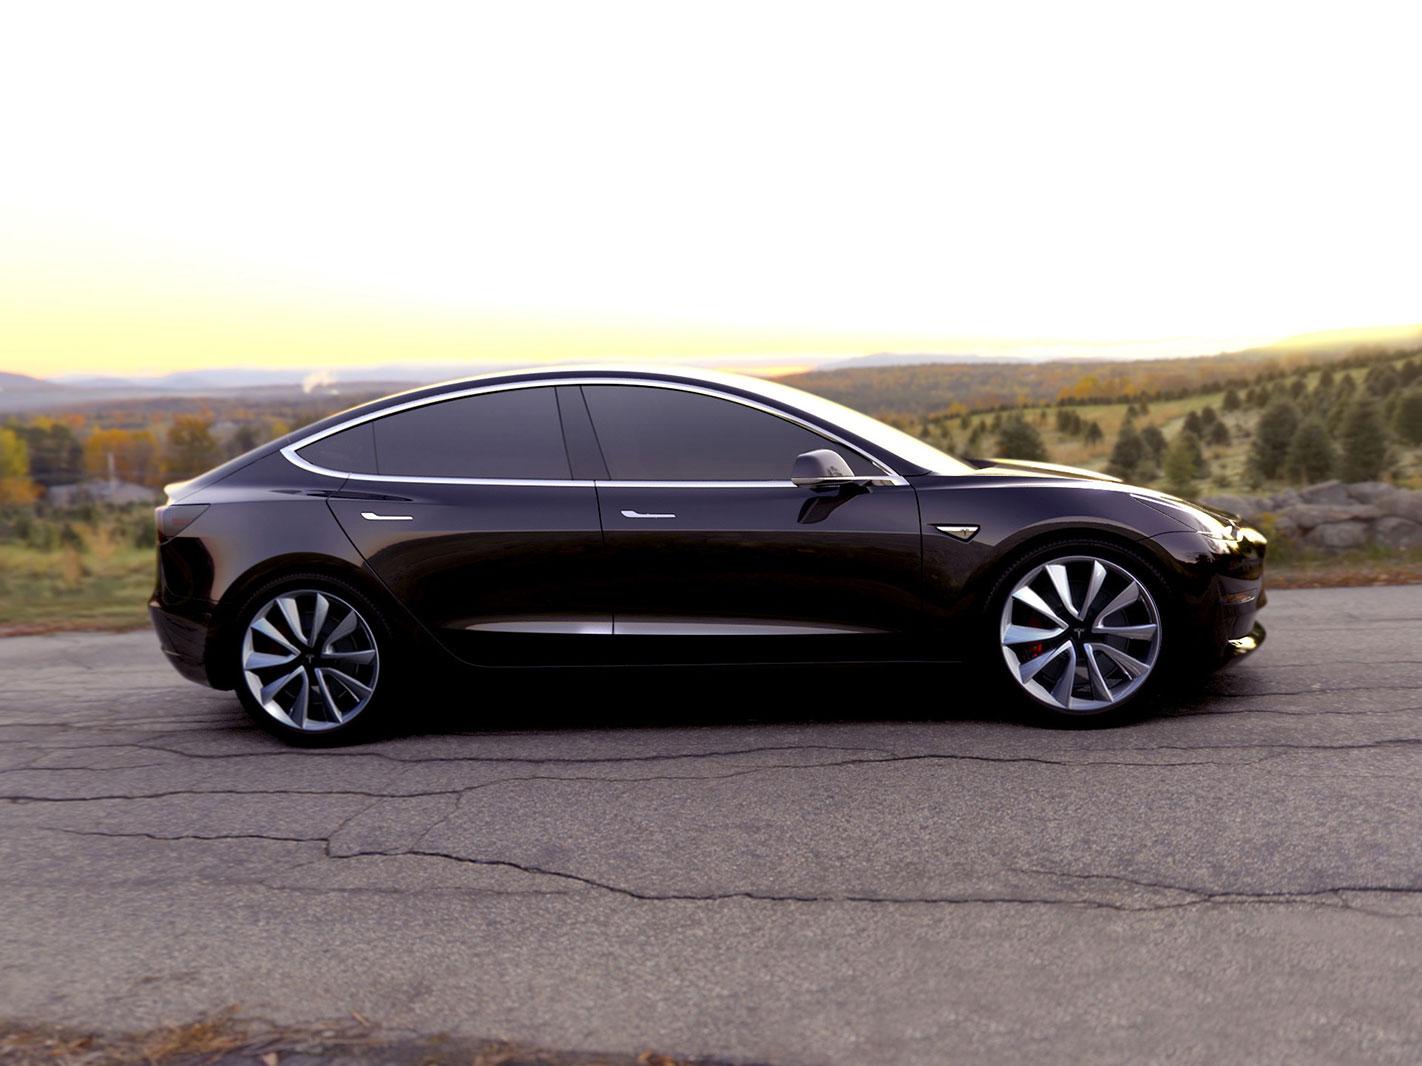 Tesla model 3 car body design